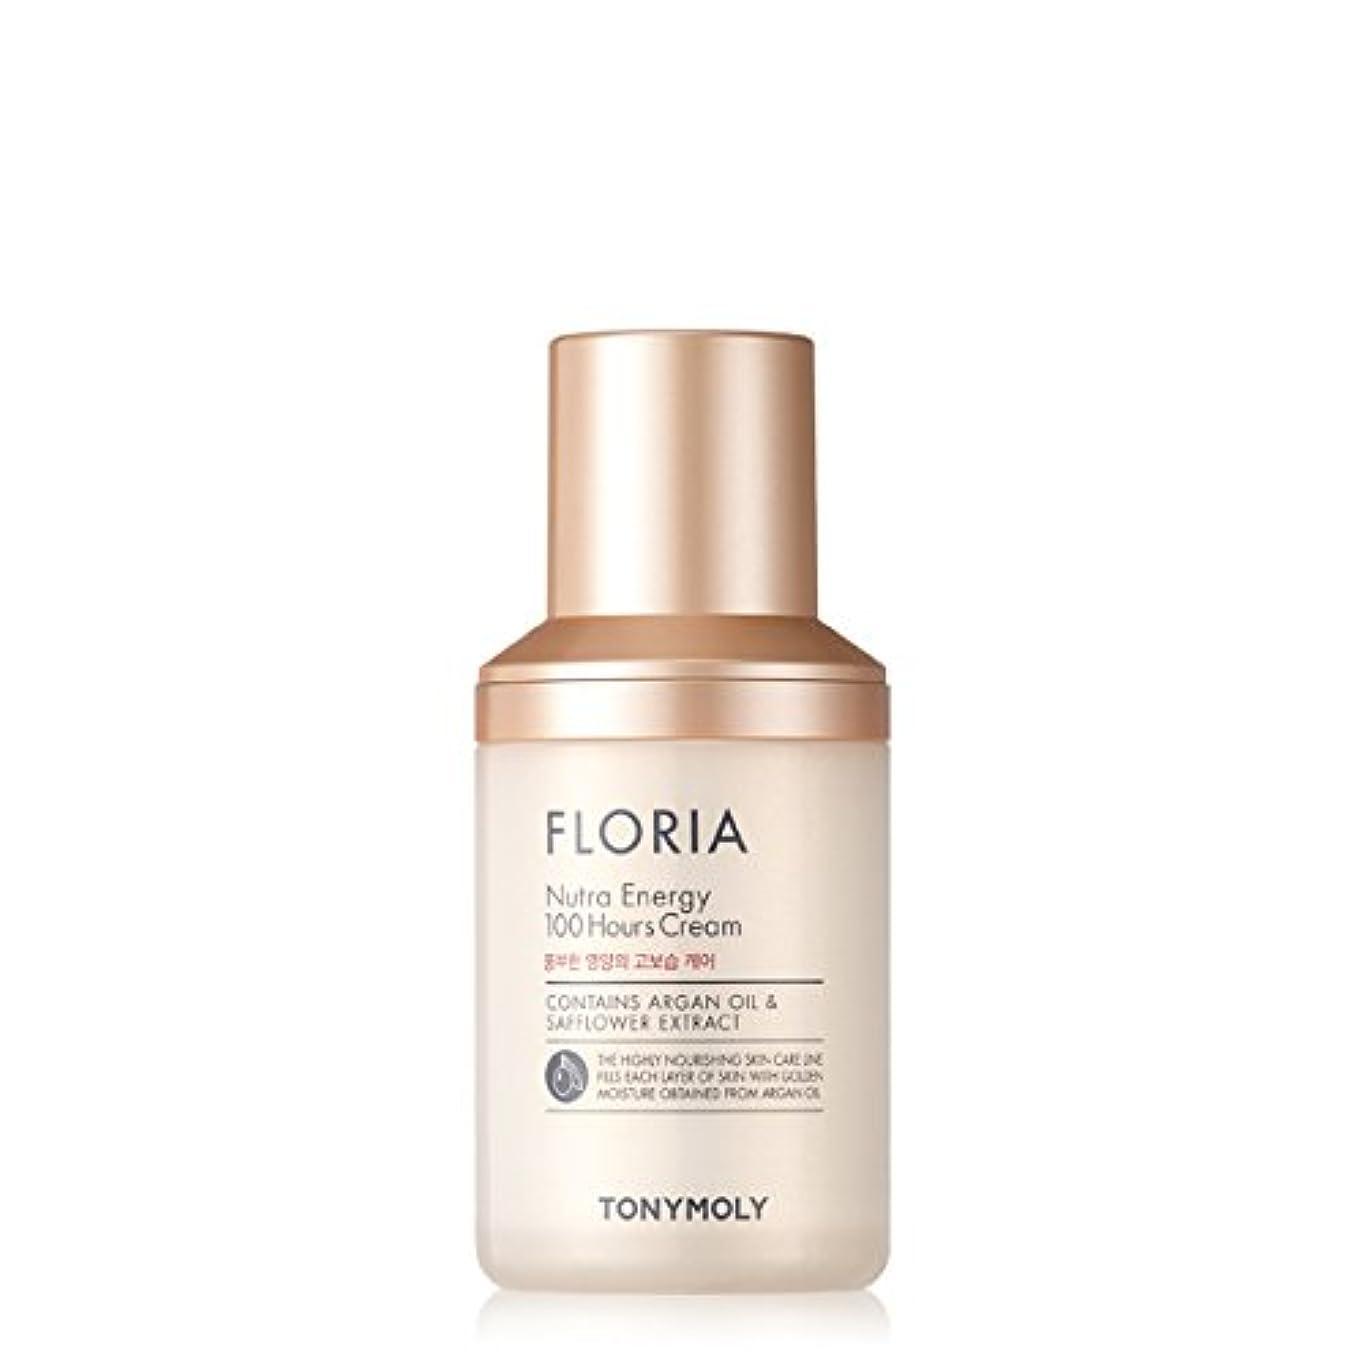 品種杭誤解を招く[NEW] TONY MOLY Floria Nutra energy 100 hours Cream 50ml トニーモリー フローリア ニュートラ エナジー 100時間 クリーム 50ml [並行輸入品]